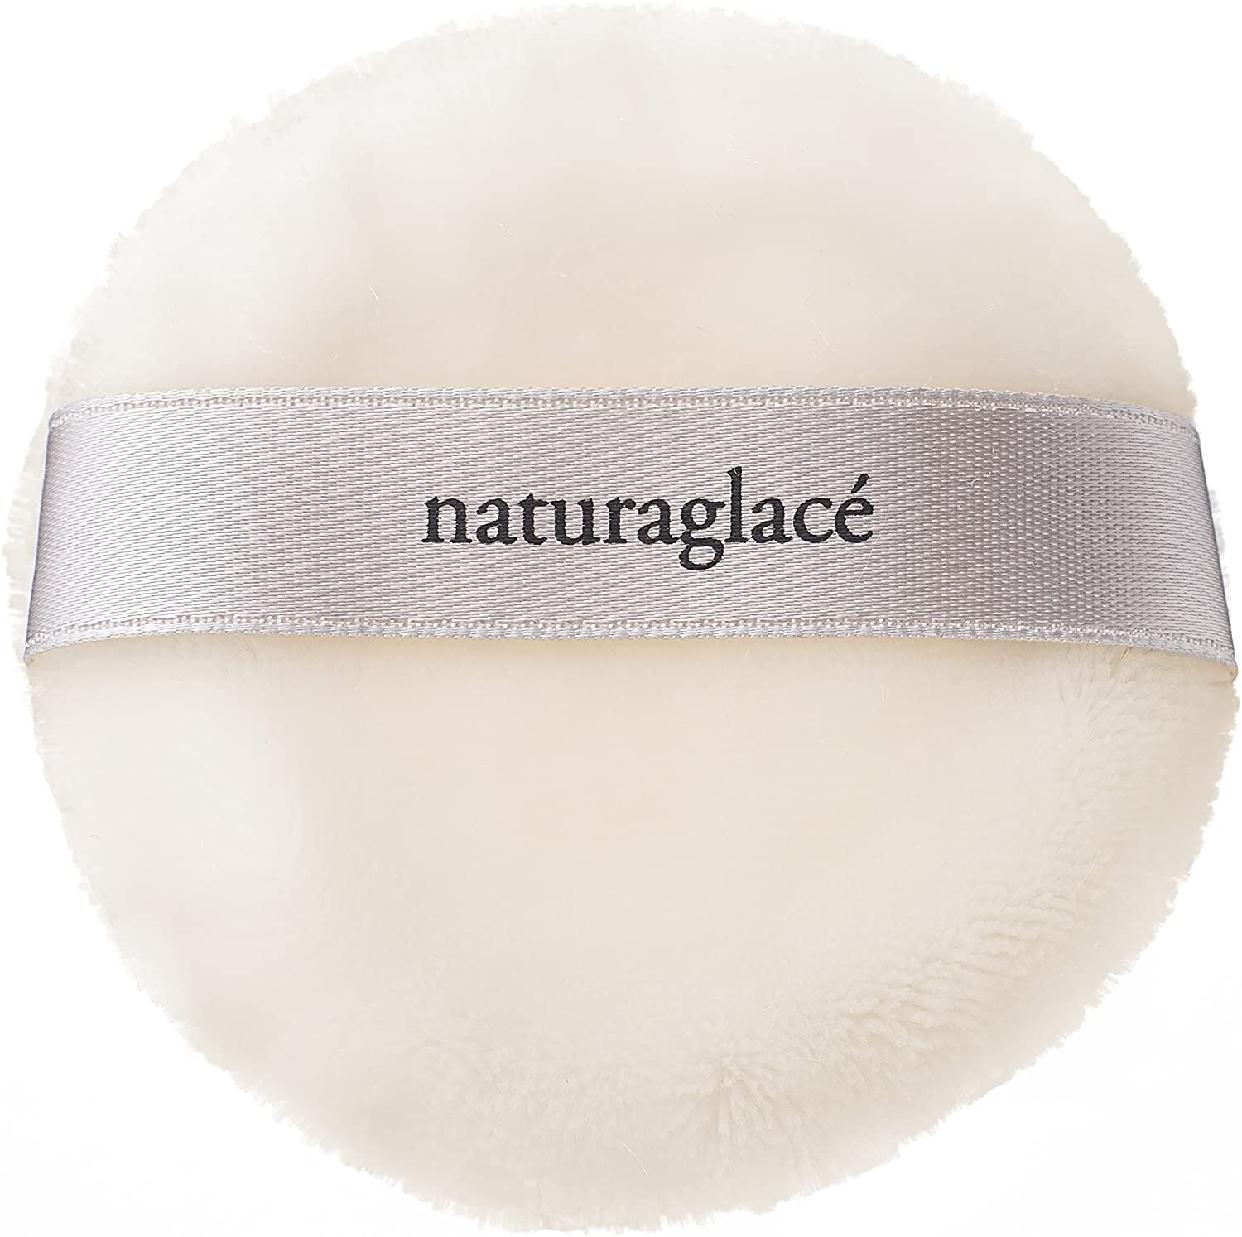 naturaglacé(ナチュラグラッセ) ルースパウダーの商品画像4